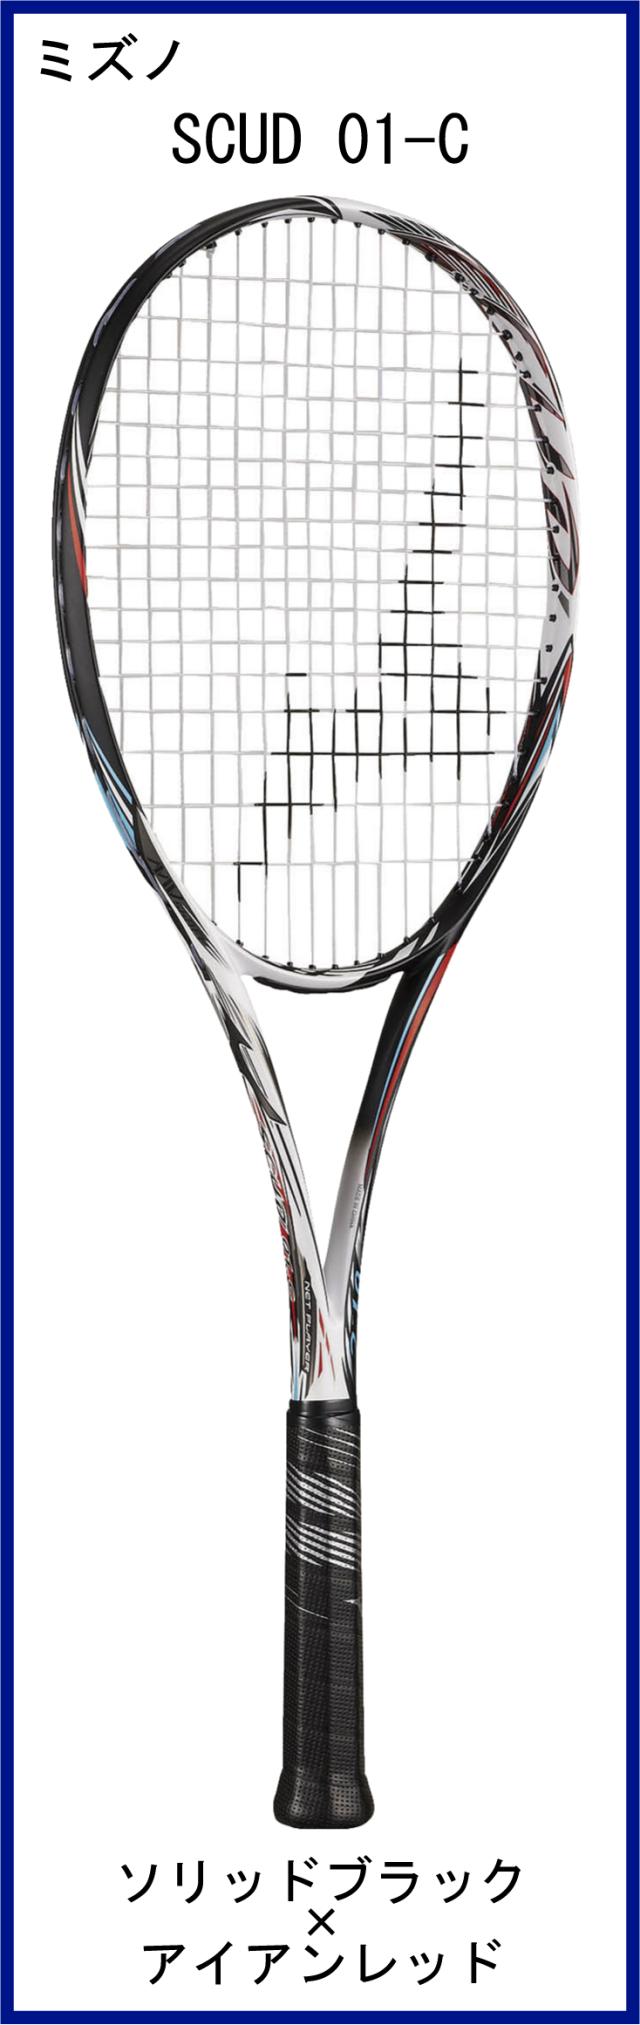 【新デザインラケット】 ミズノ SCUD 01-C スカッド 01シー (ソリッドブラック×アイアンレッド) 【3月発売】